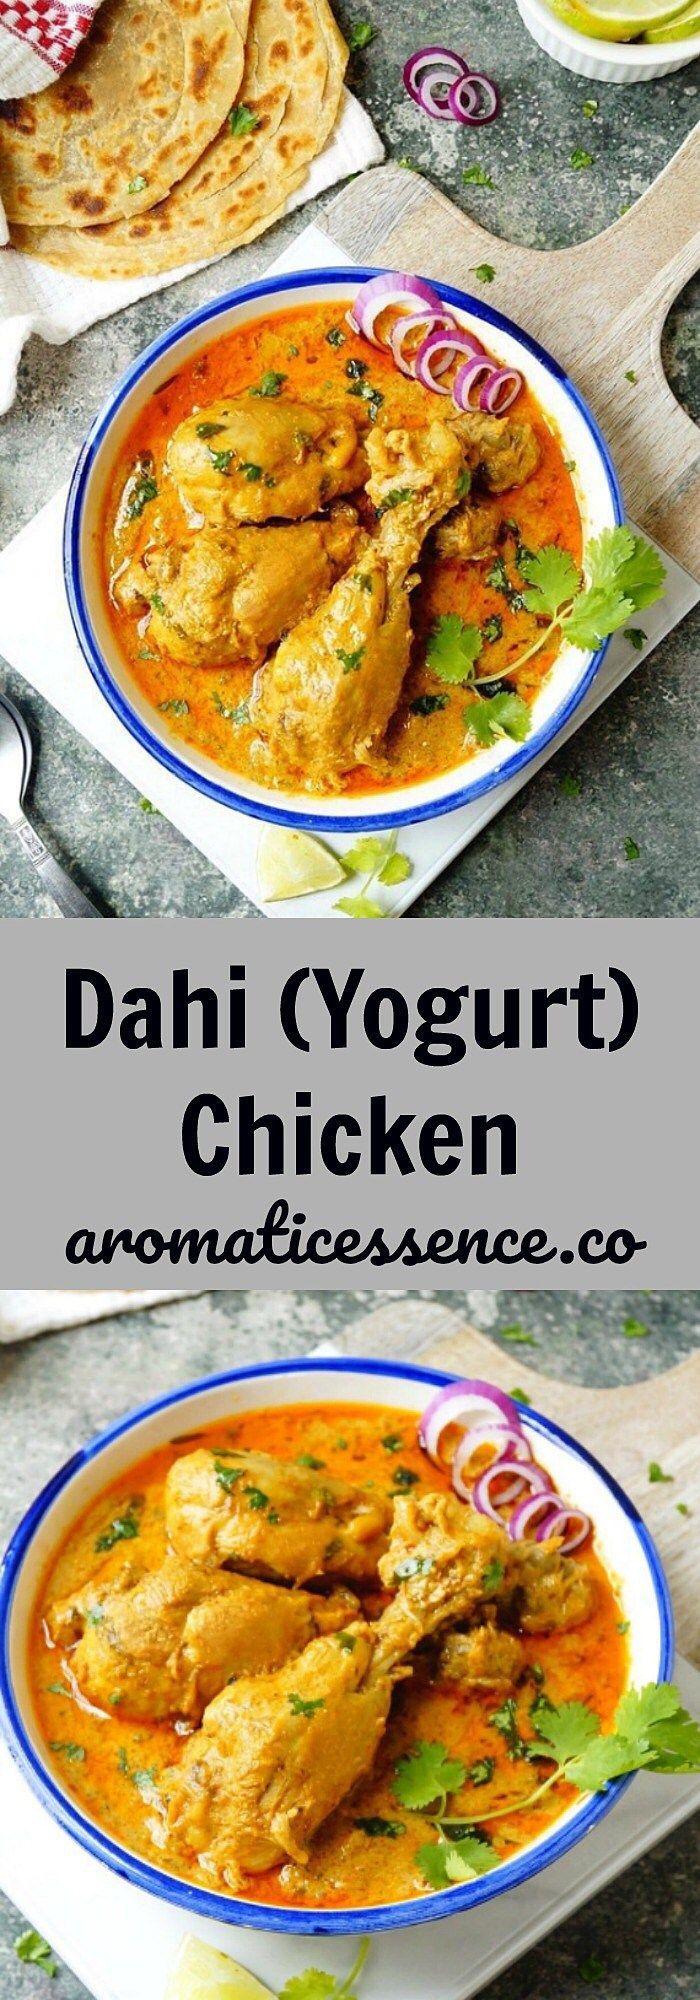 Dahi (yogurt) chicken - Aromatic Essence